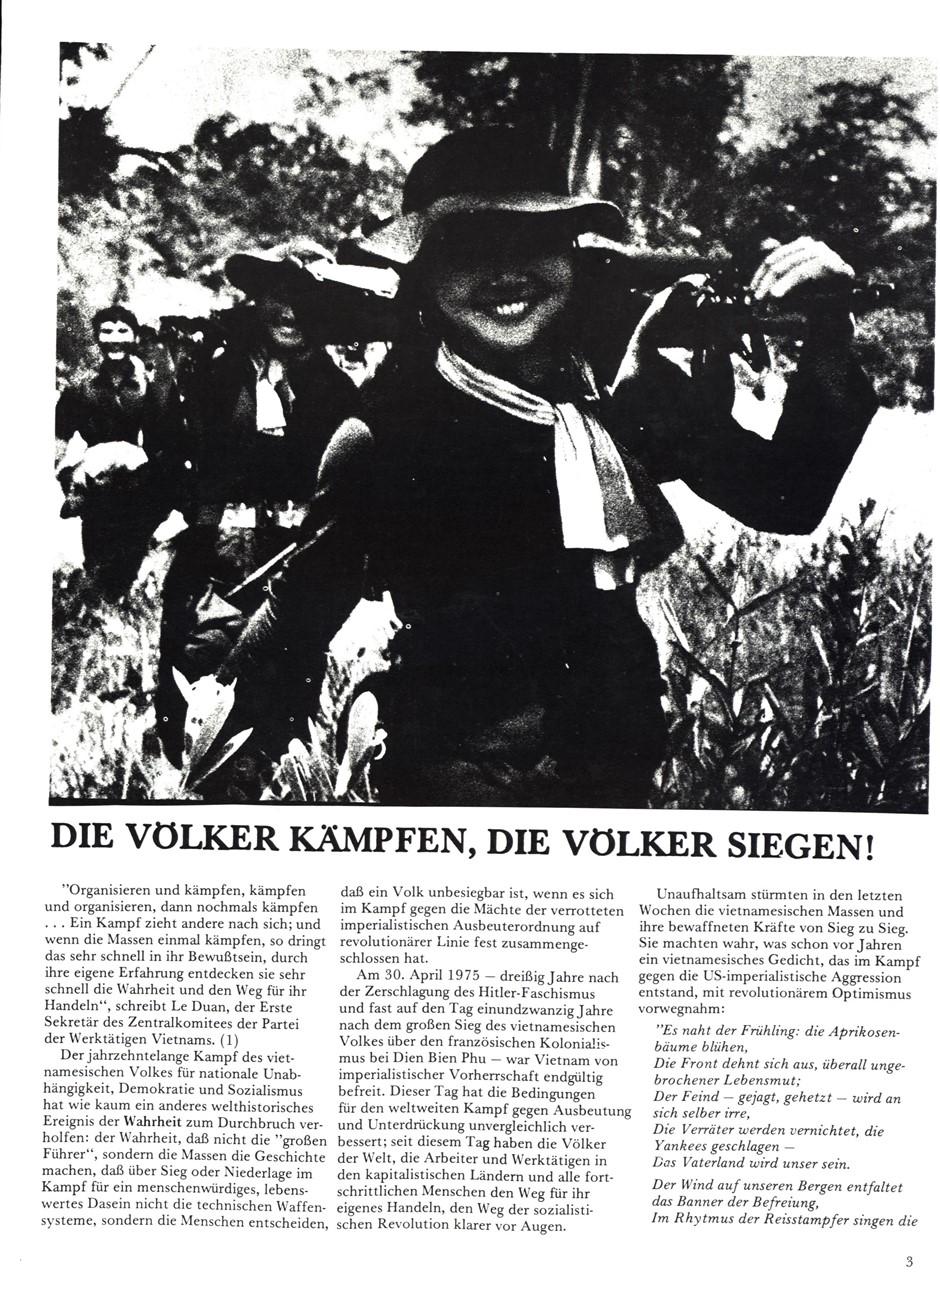 VSK_Kaempfende_Kunst_19750500_03